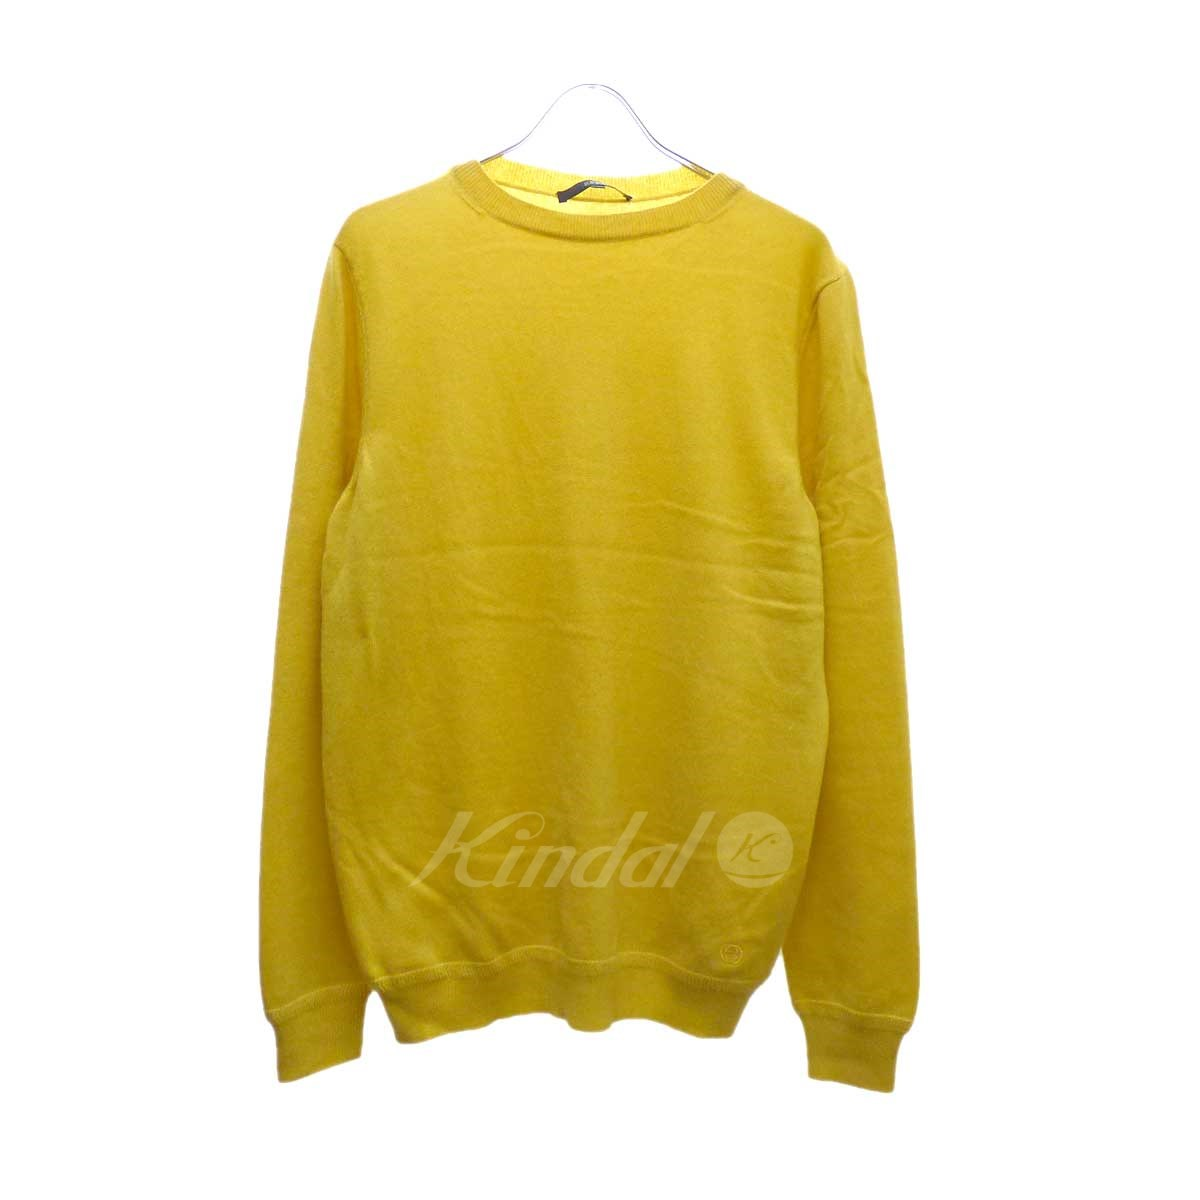 【中古】GUCCI カシミヤセーター イエロー サイズ:XL 【160920】(グッチ)